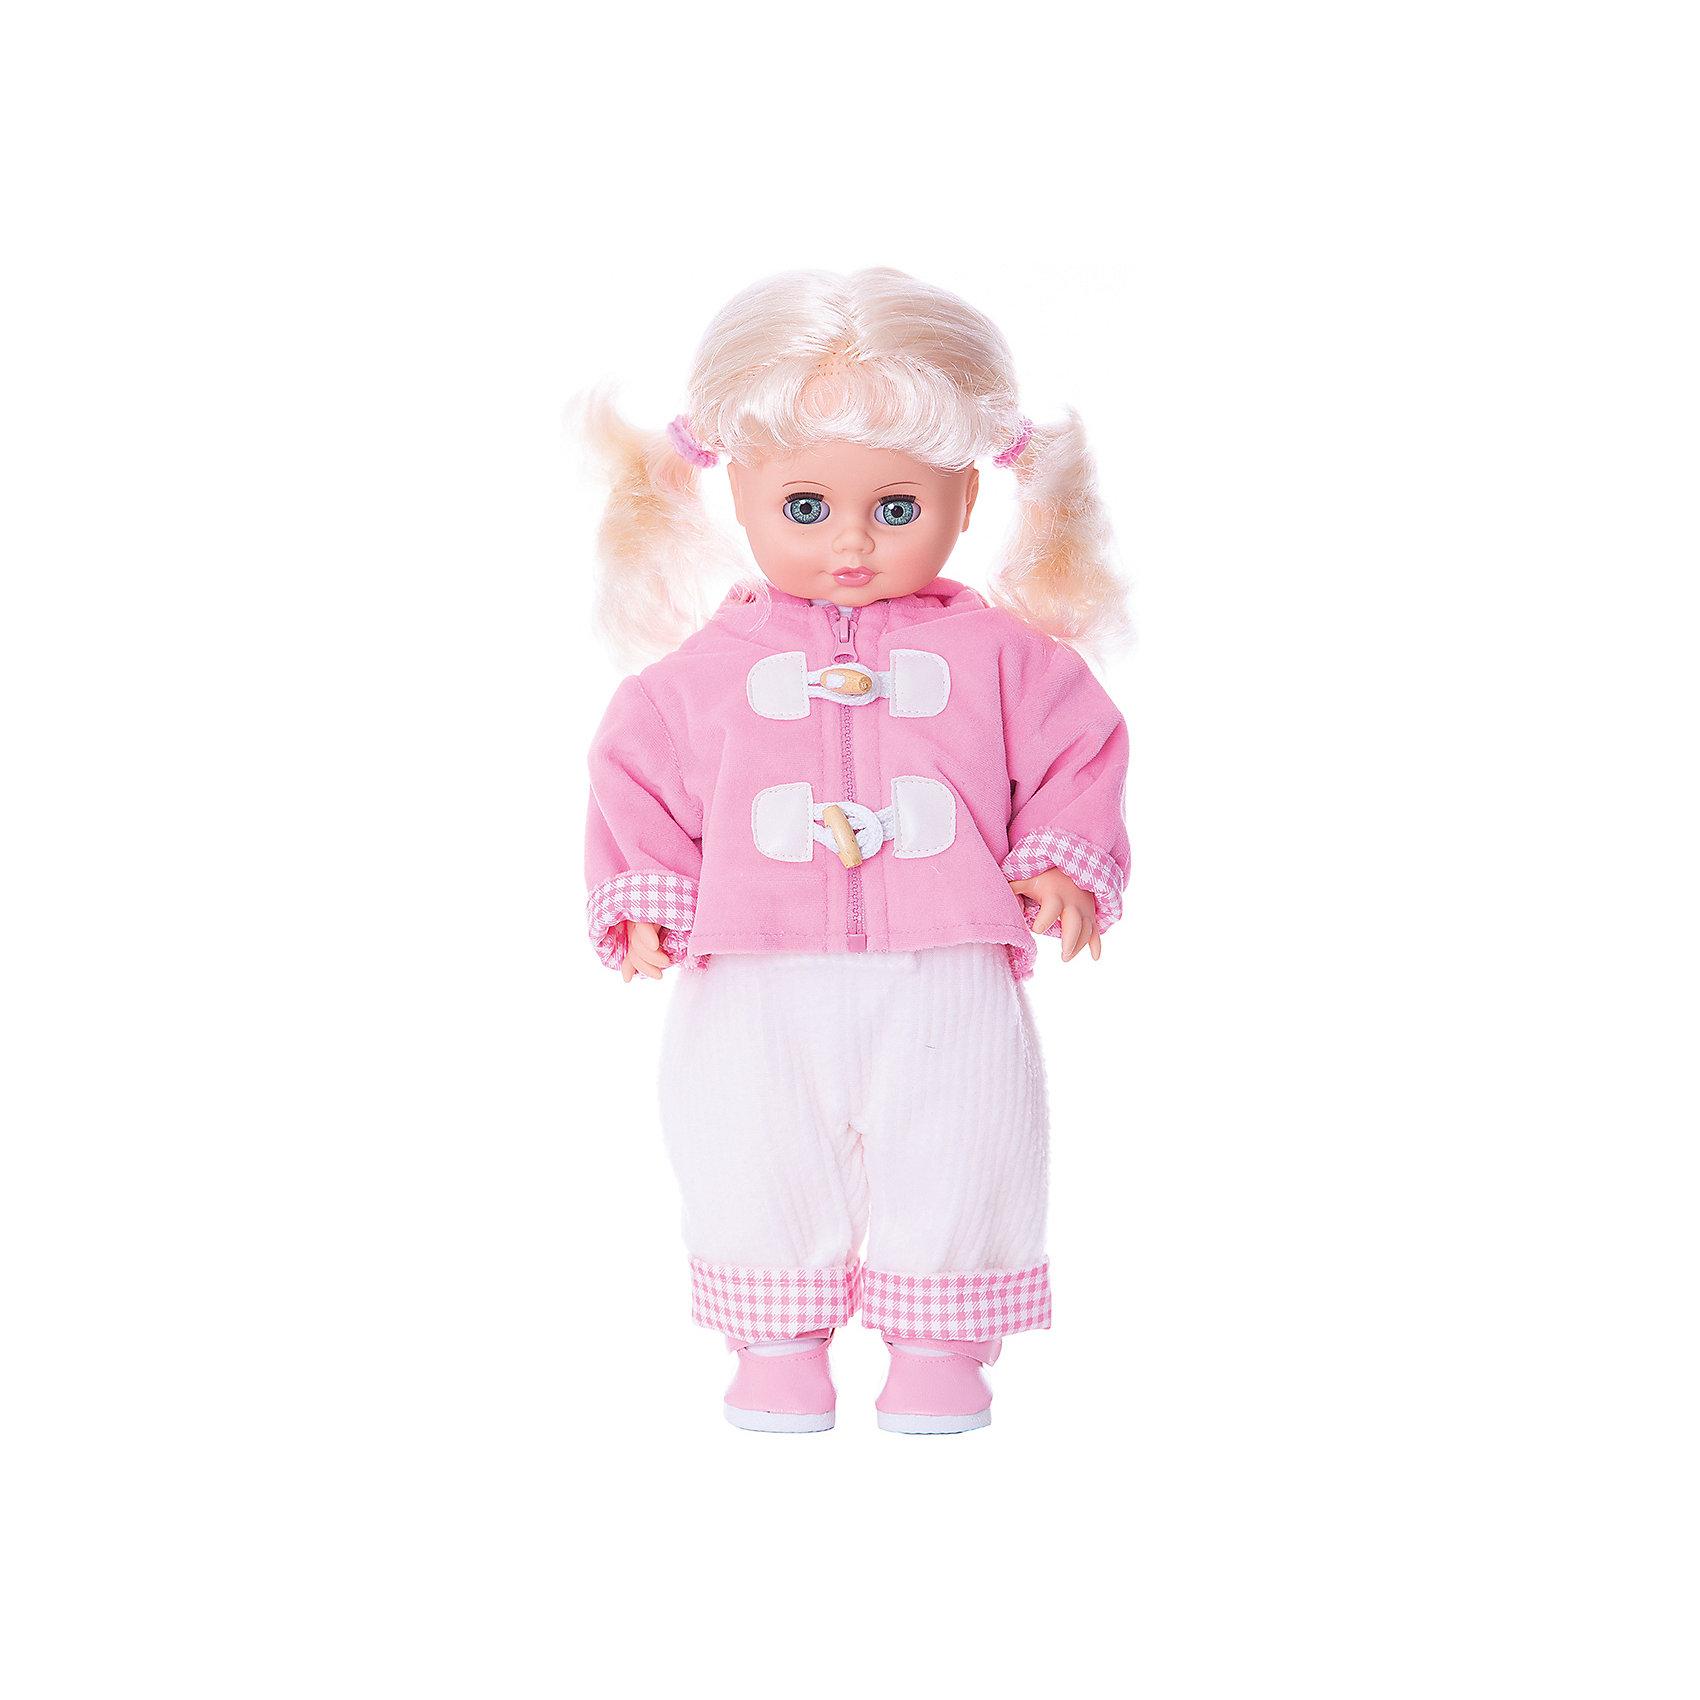 Весна Кукла Инна 8 (пластмассовая), со звуком, 43 см, Весна кукла весна инна в куртке со звуком 43 см